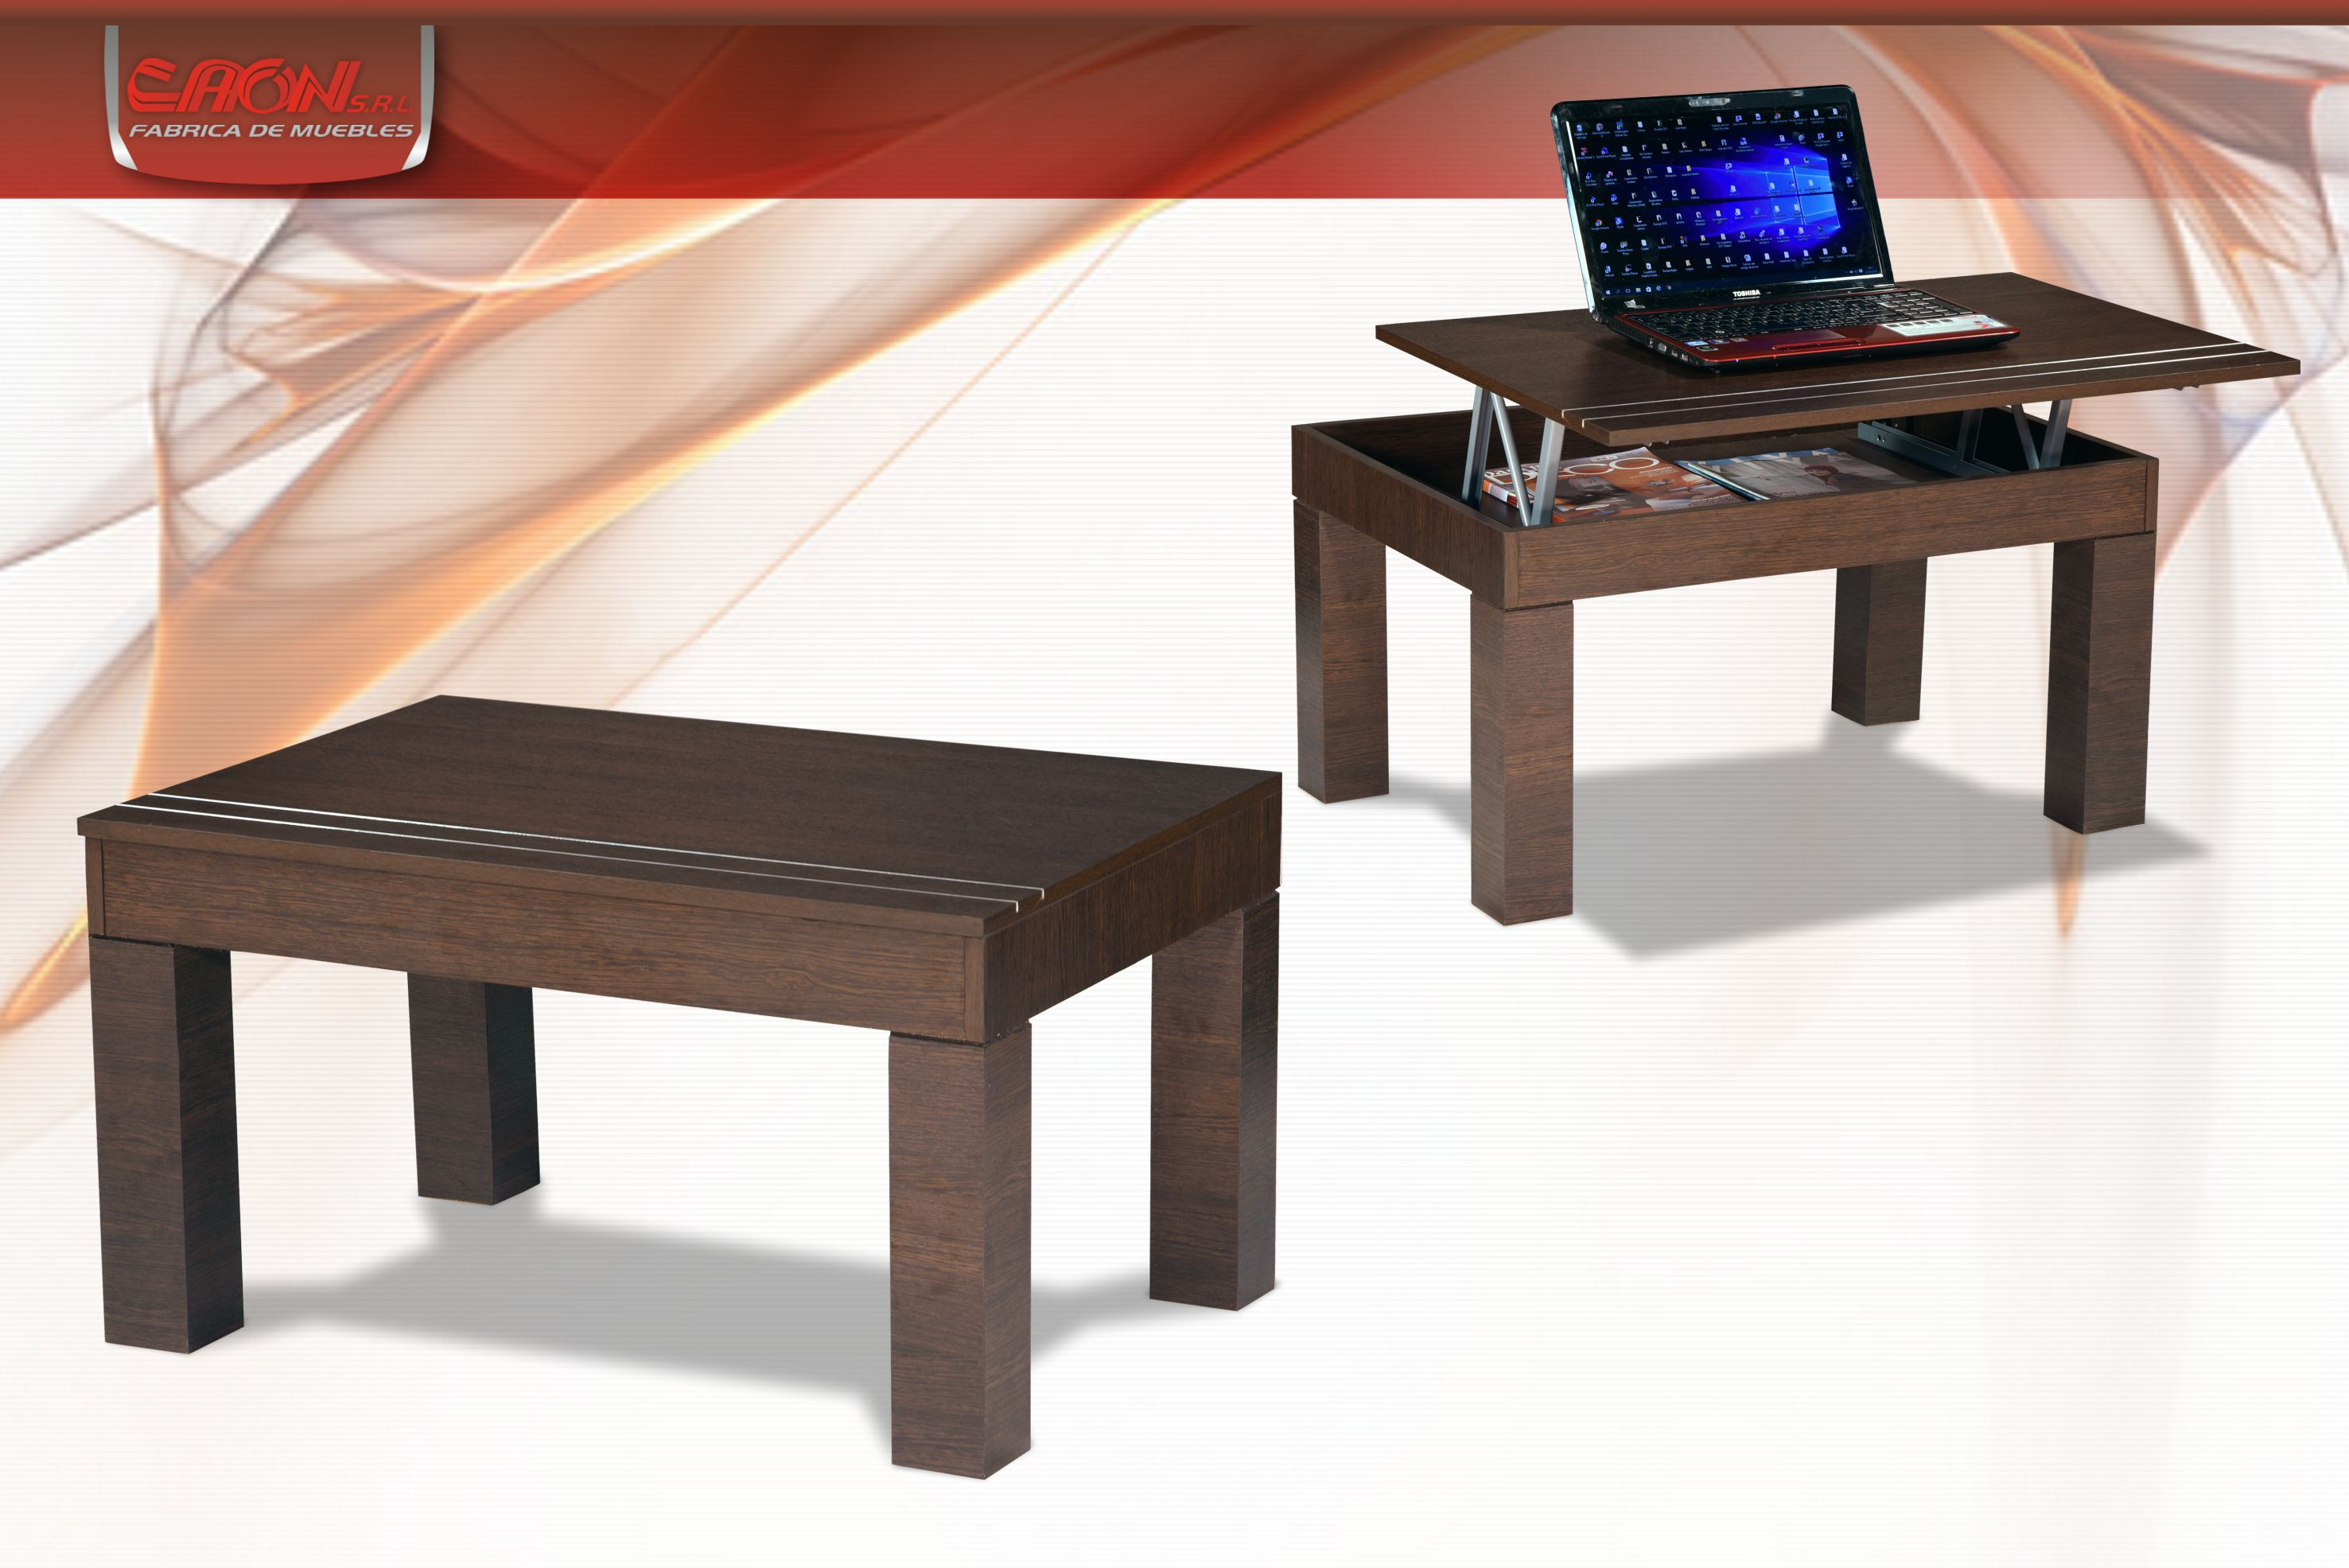 Productos Caon S R L P Gina 2 # Muebles Caon Canada De Gomez